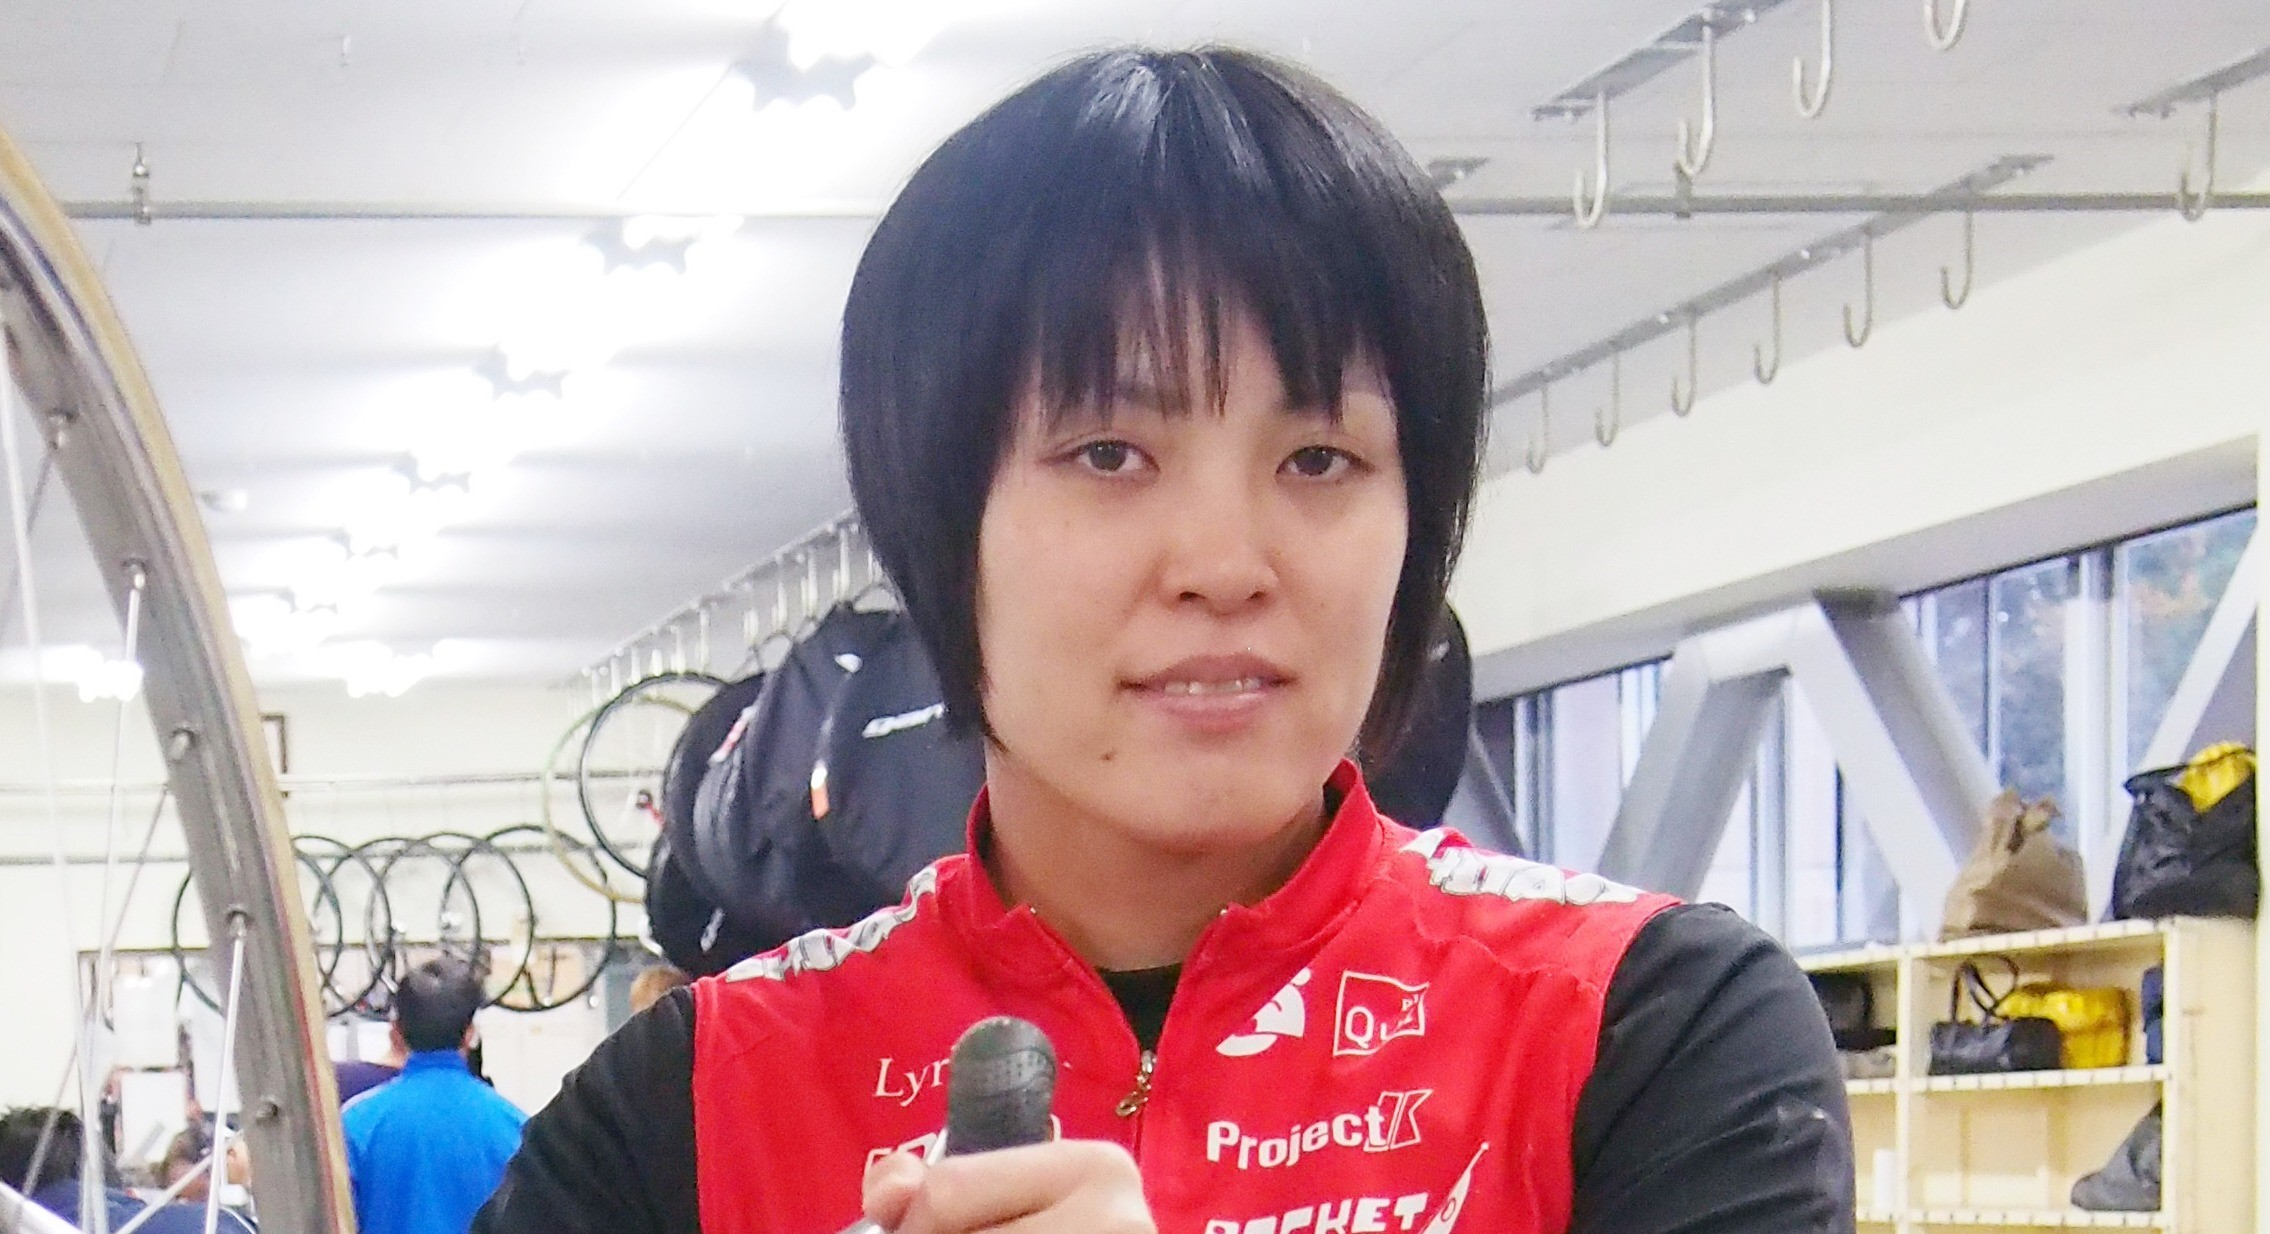 【ガールズ名鑑♀】美人かわいい競輪選手「篠崎新純」のプロフィールから個人情報まで